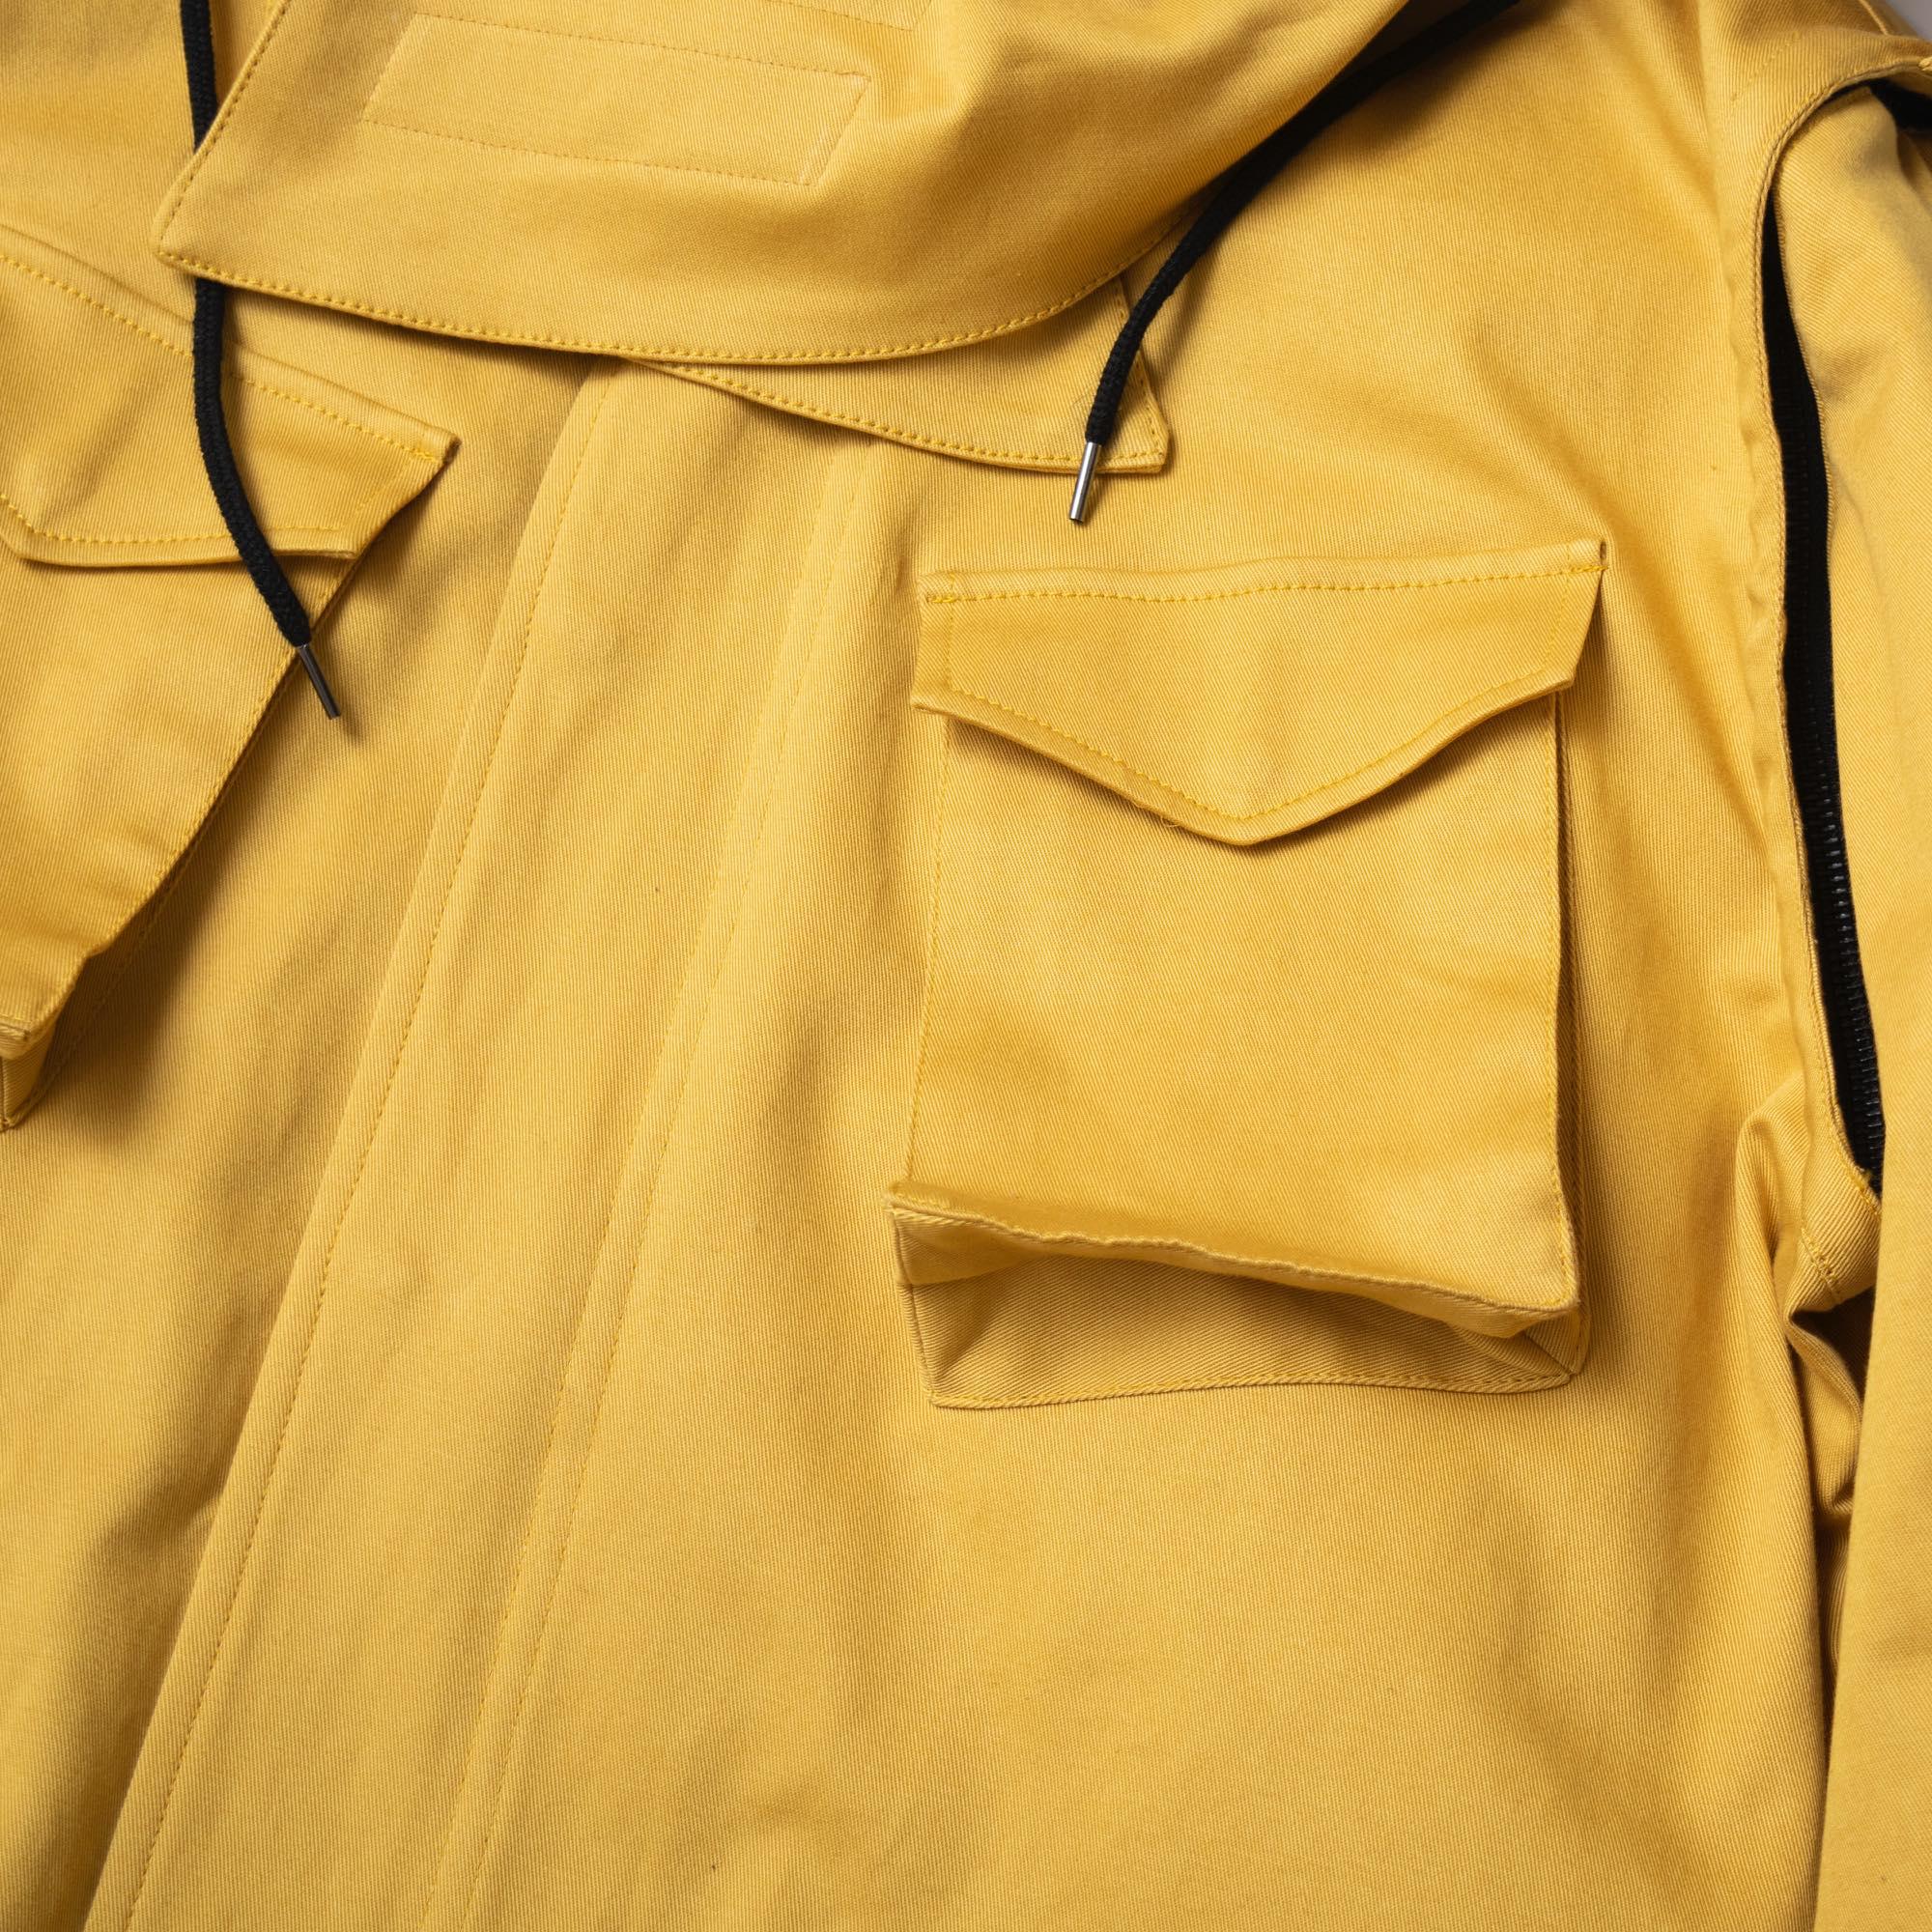 coat_yel_005